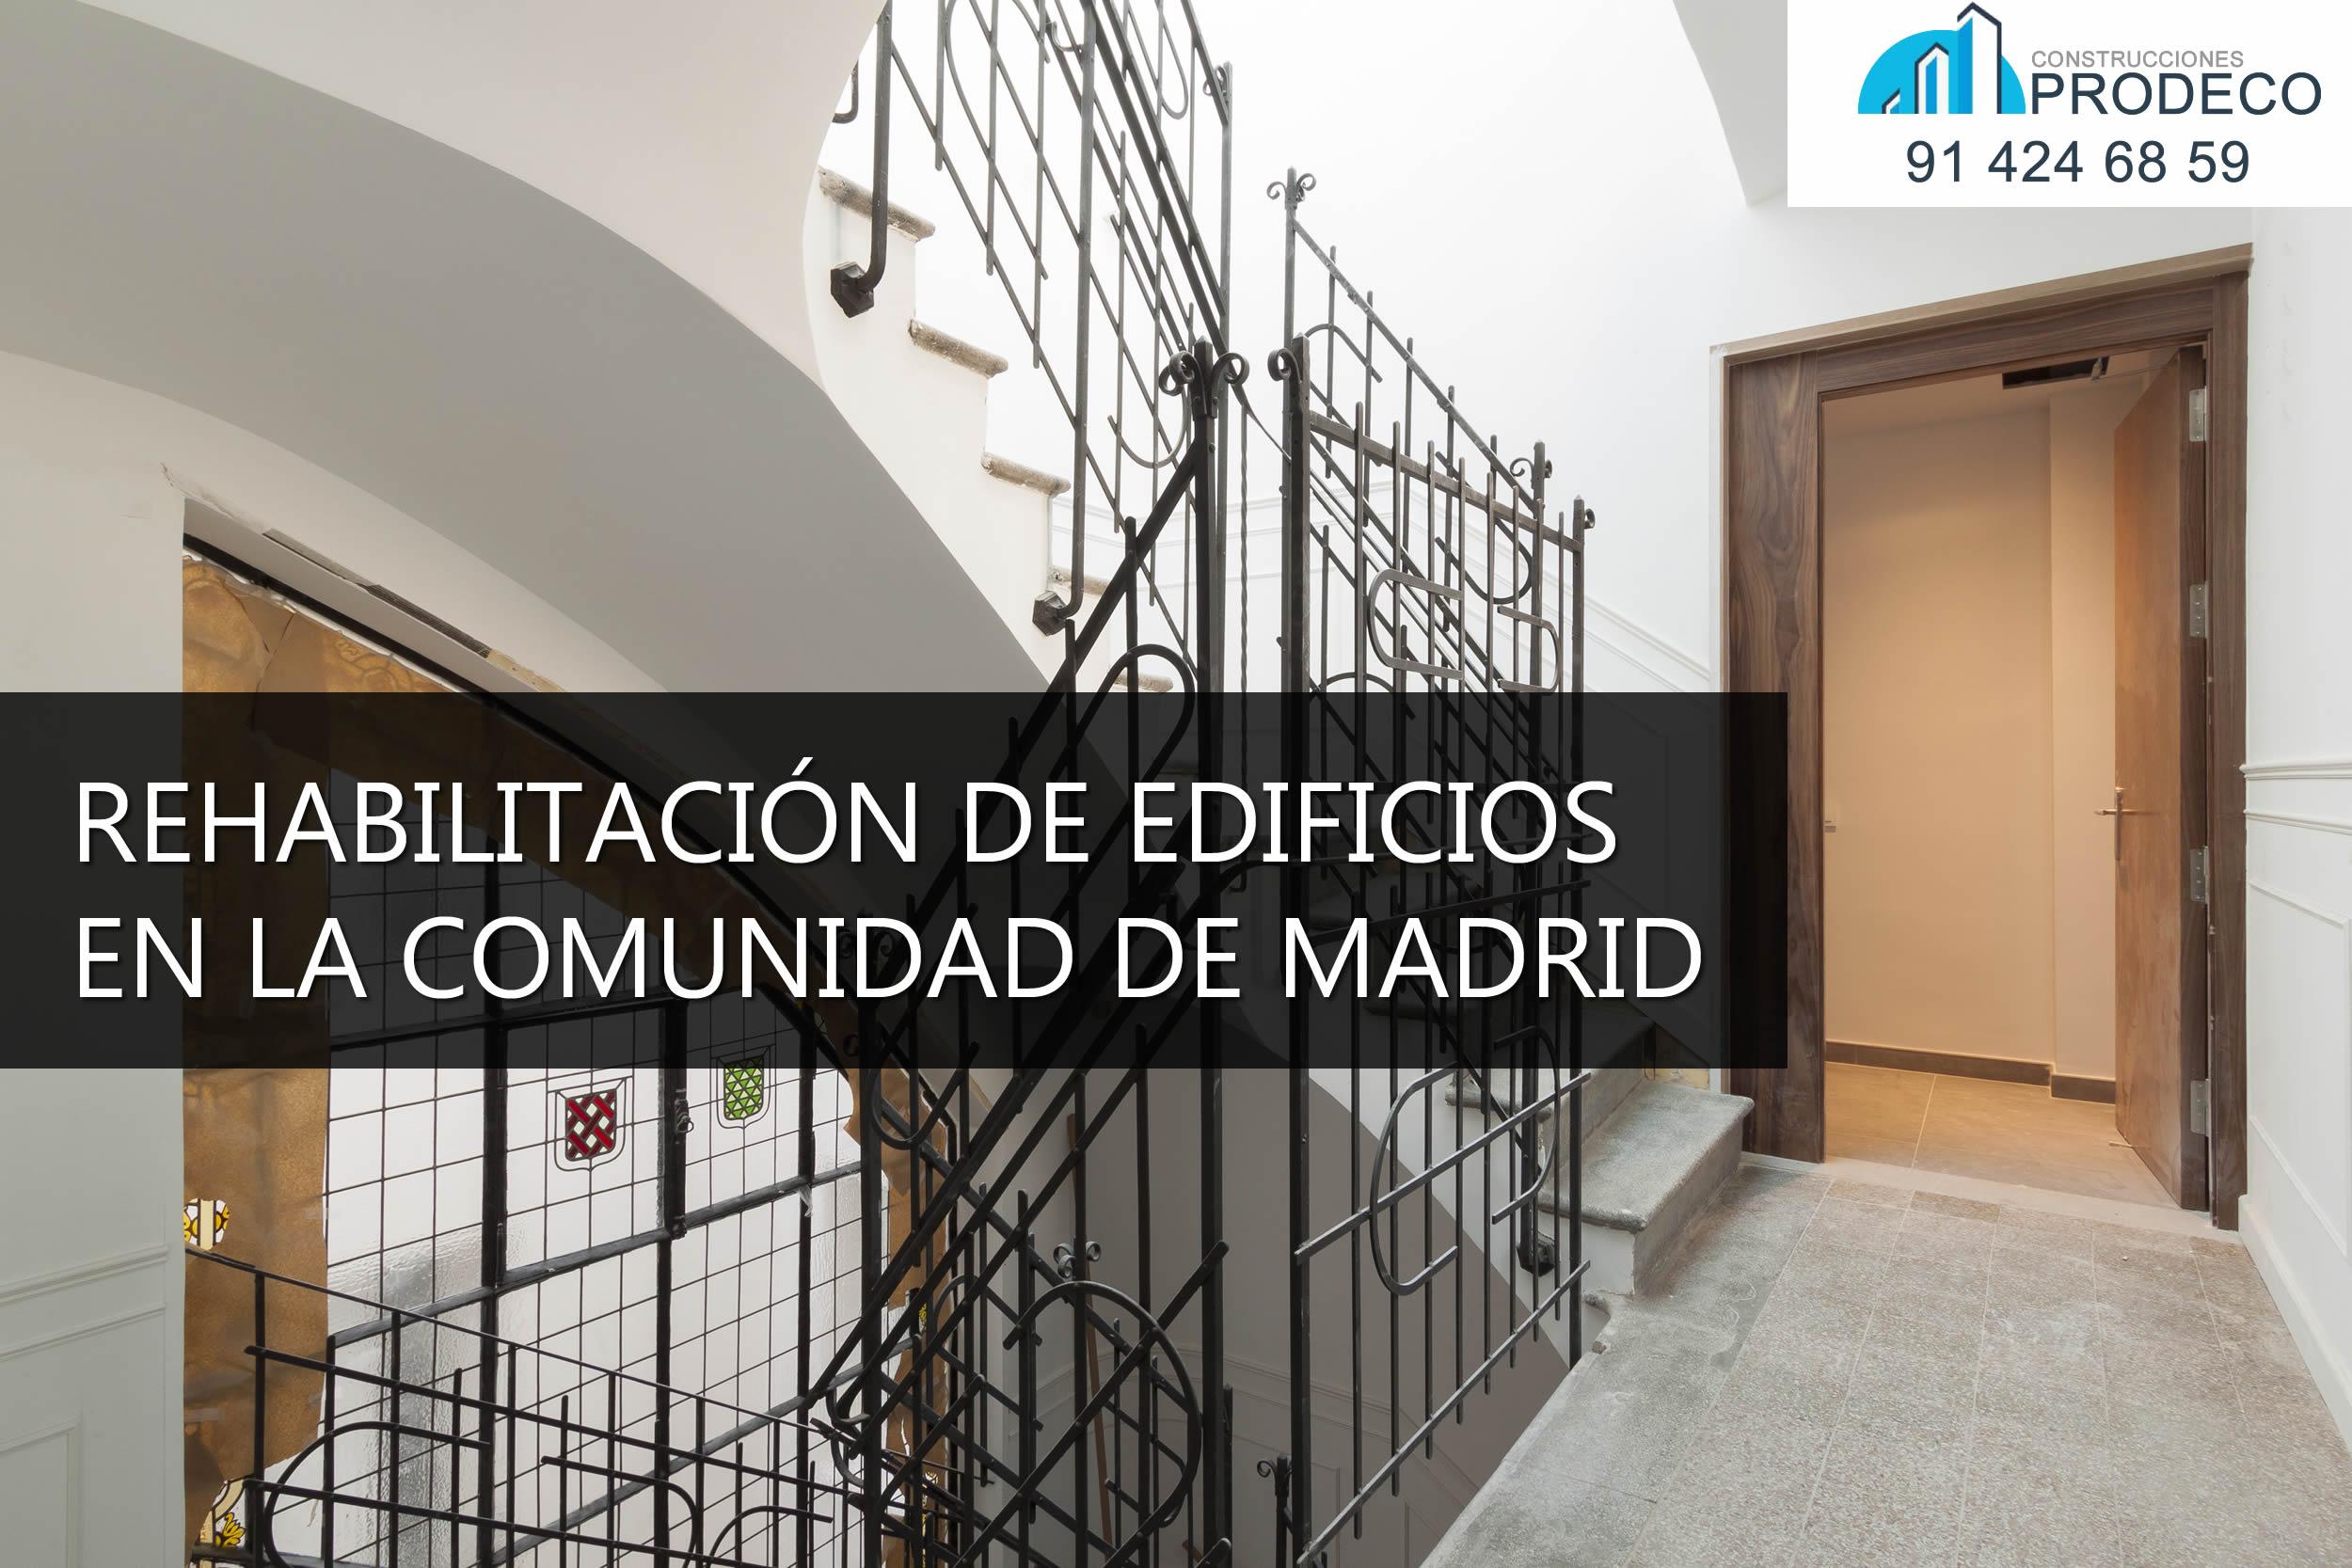 Reformas y microcementos prodeco rehabilitaci n de for Edificio de la comunidad de madrid